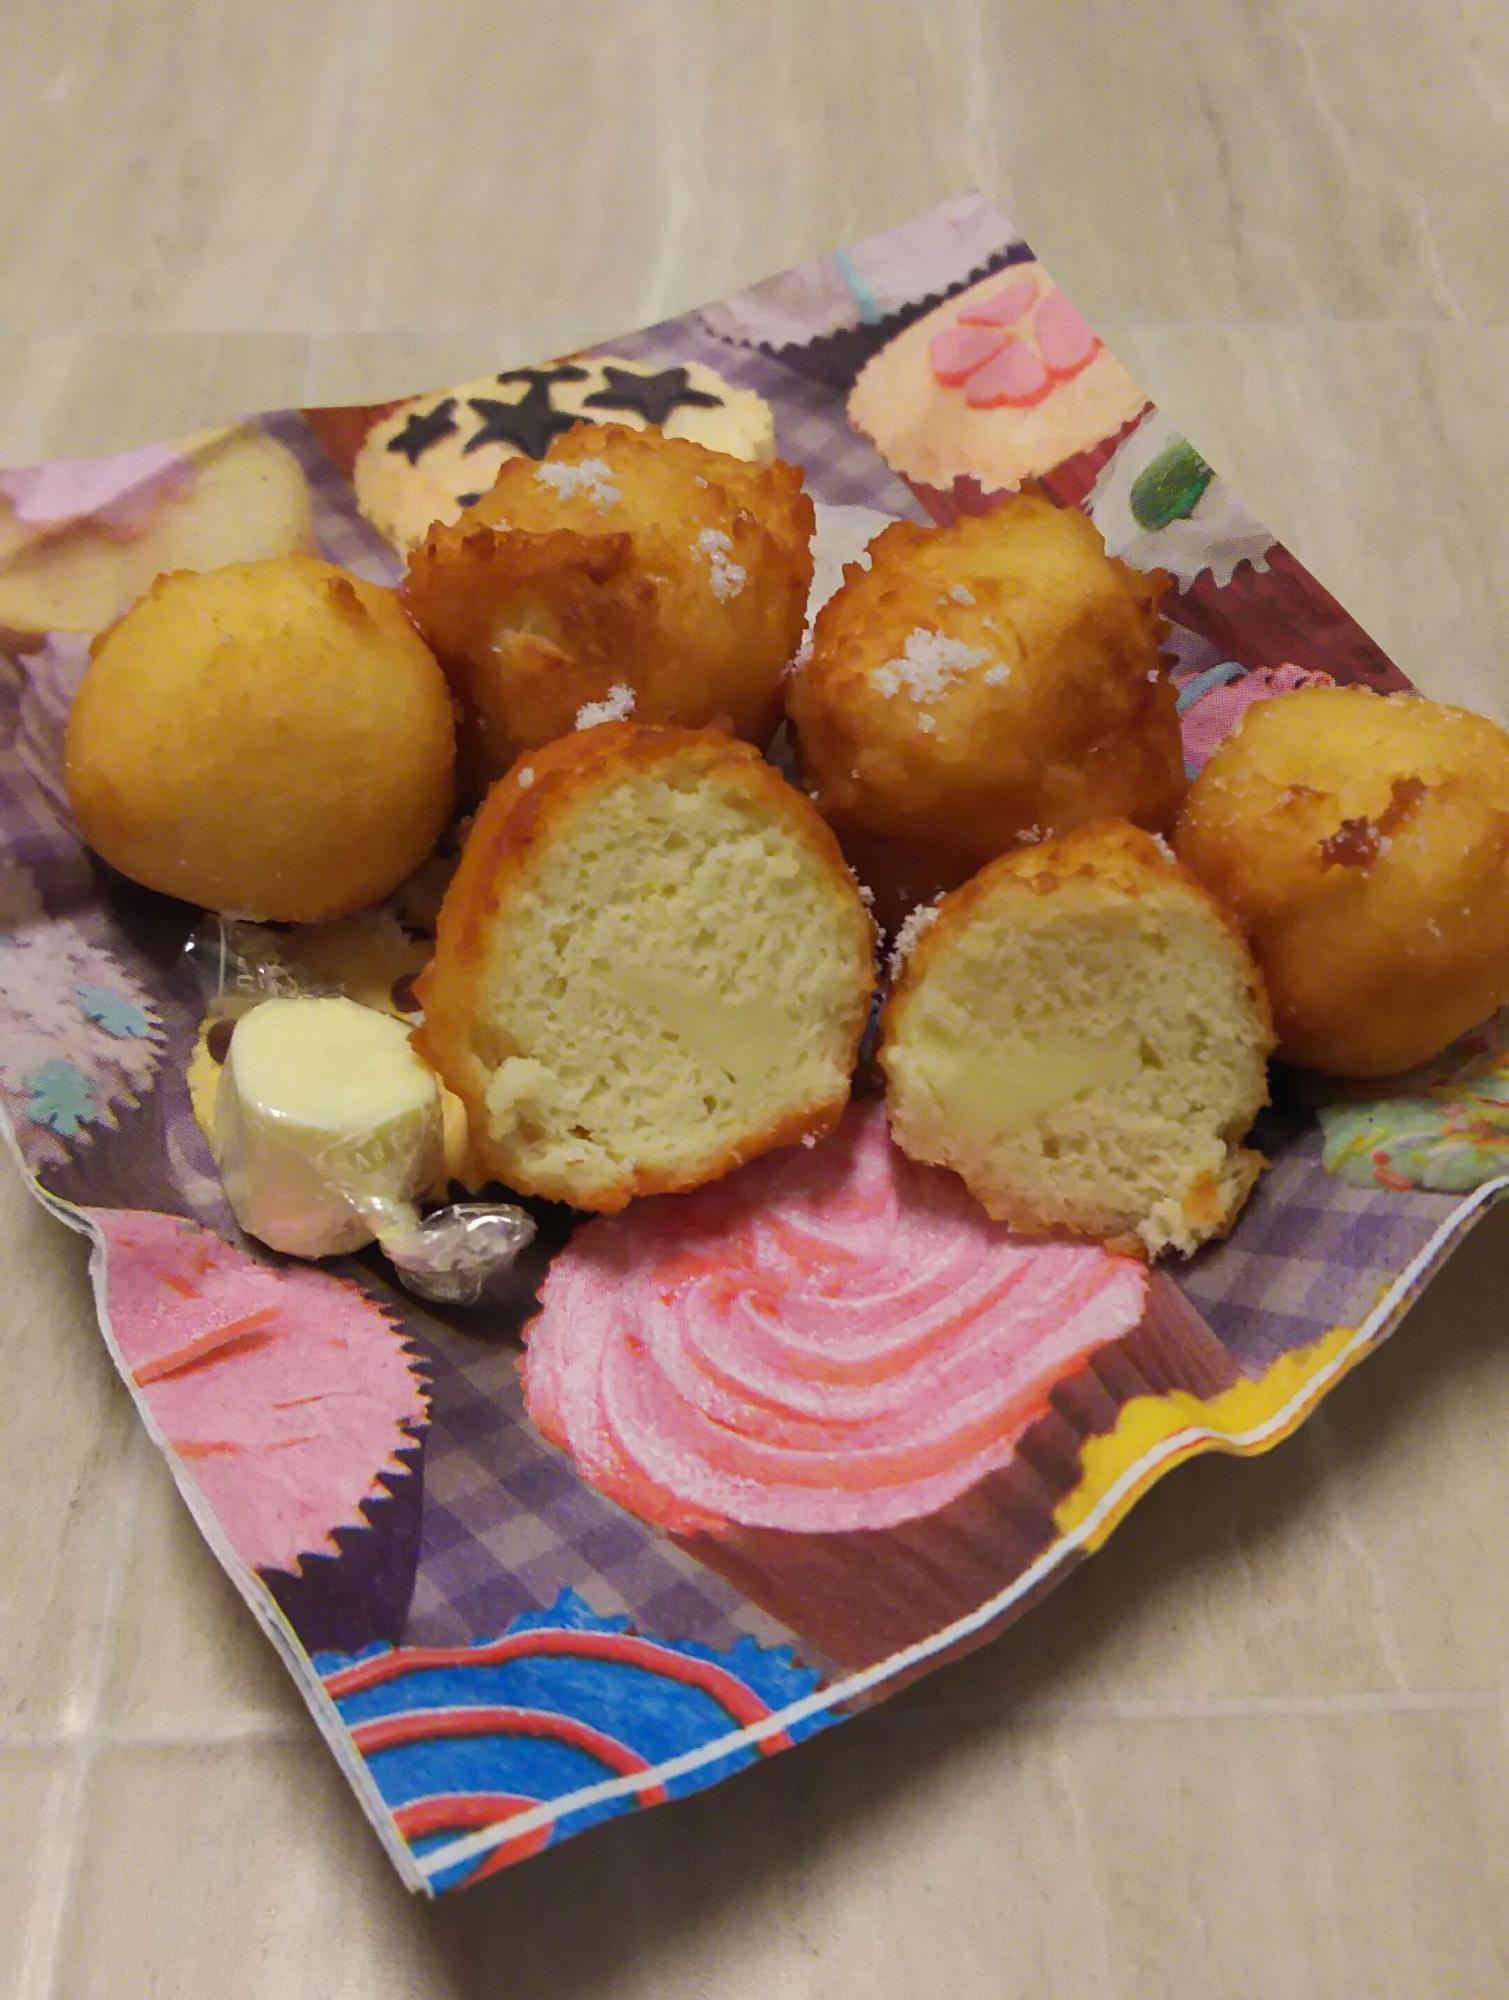 カップケーキ柄の皿に盛られたチーズのおからドーナツとキャンディチーズ